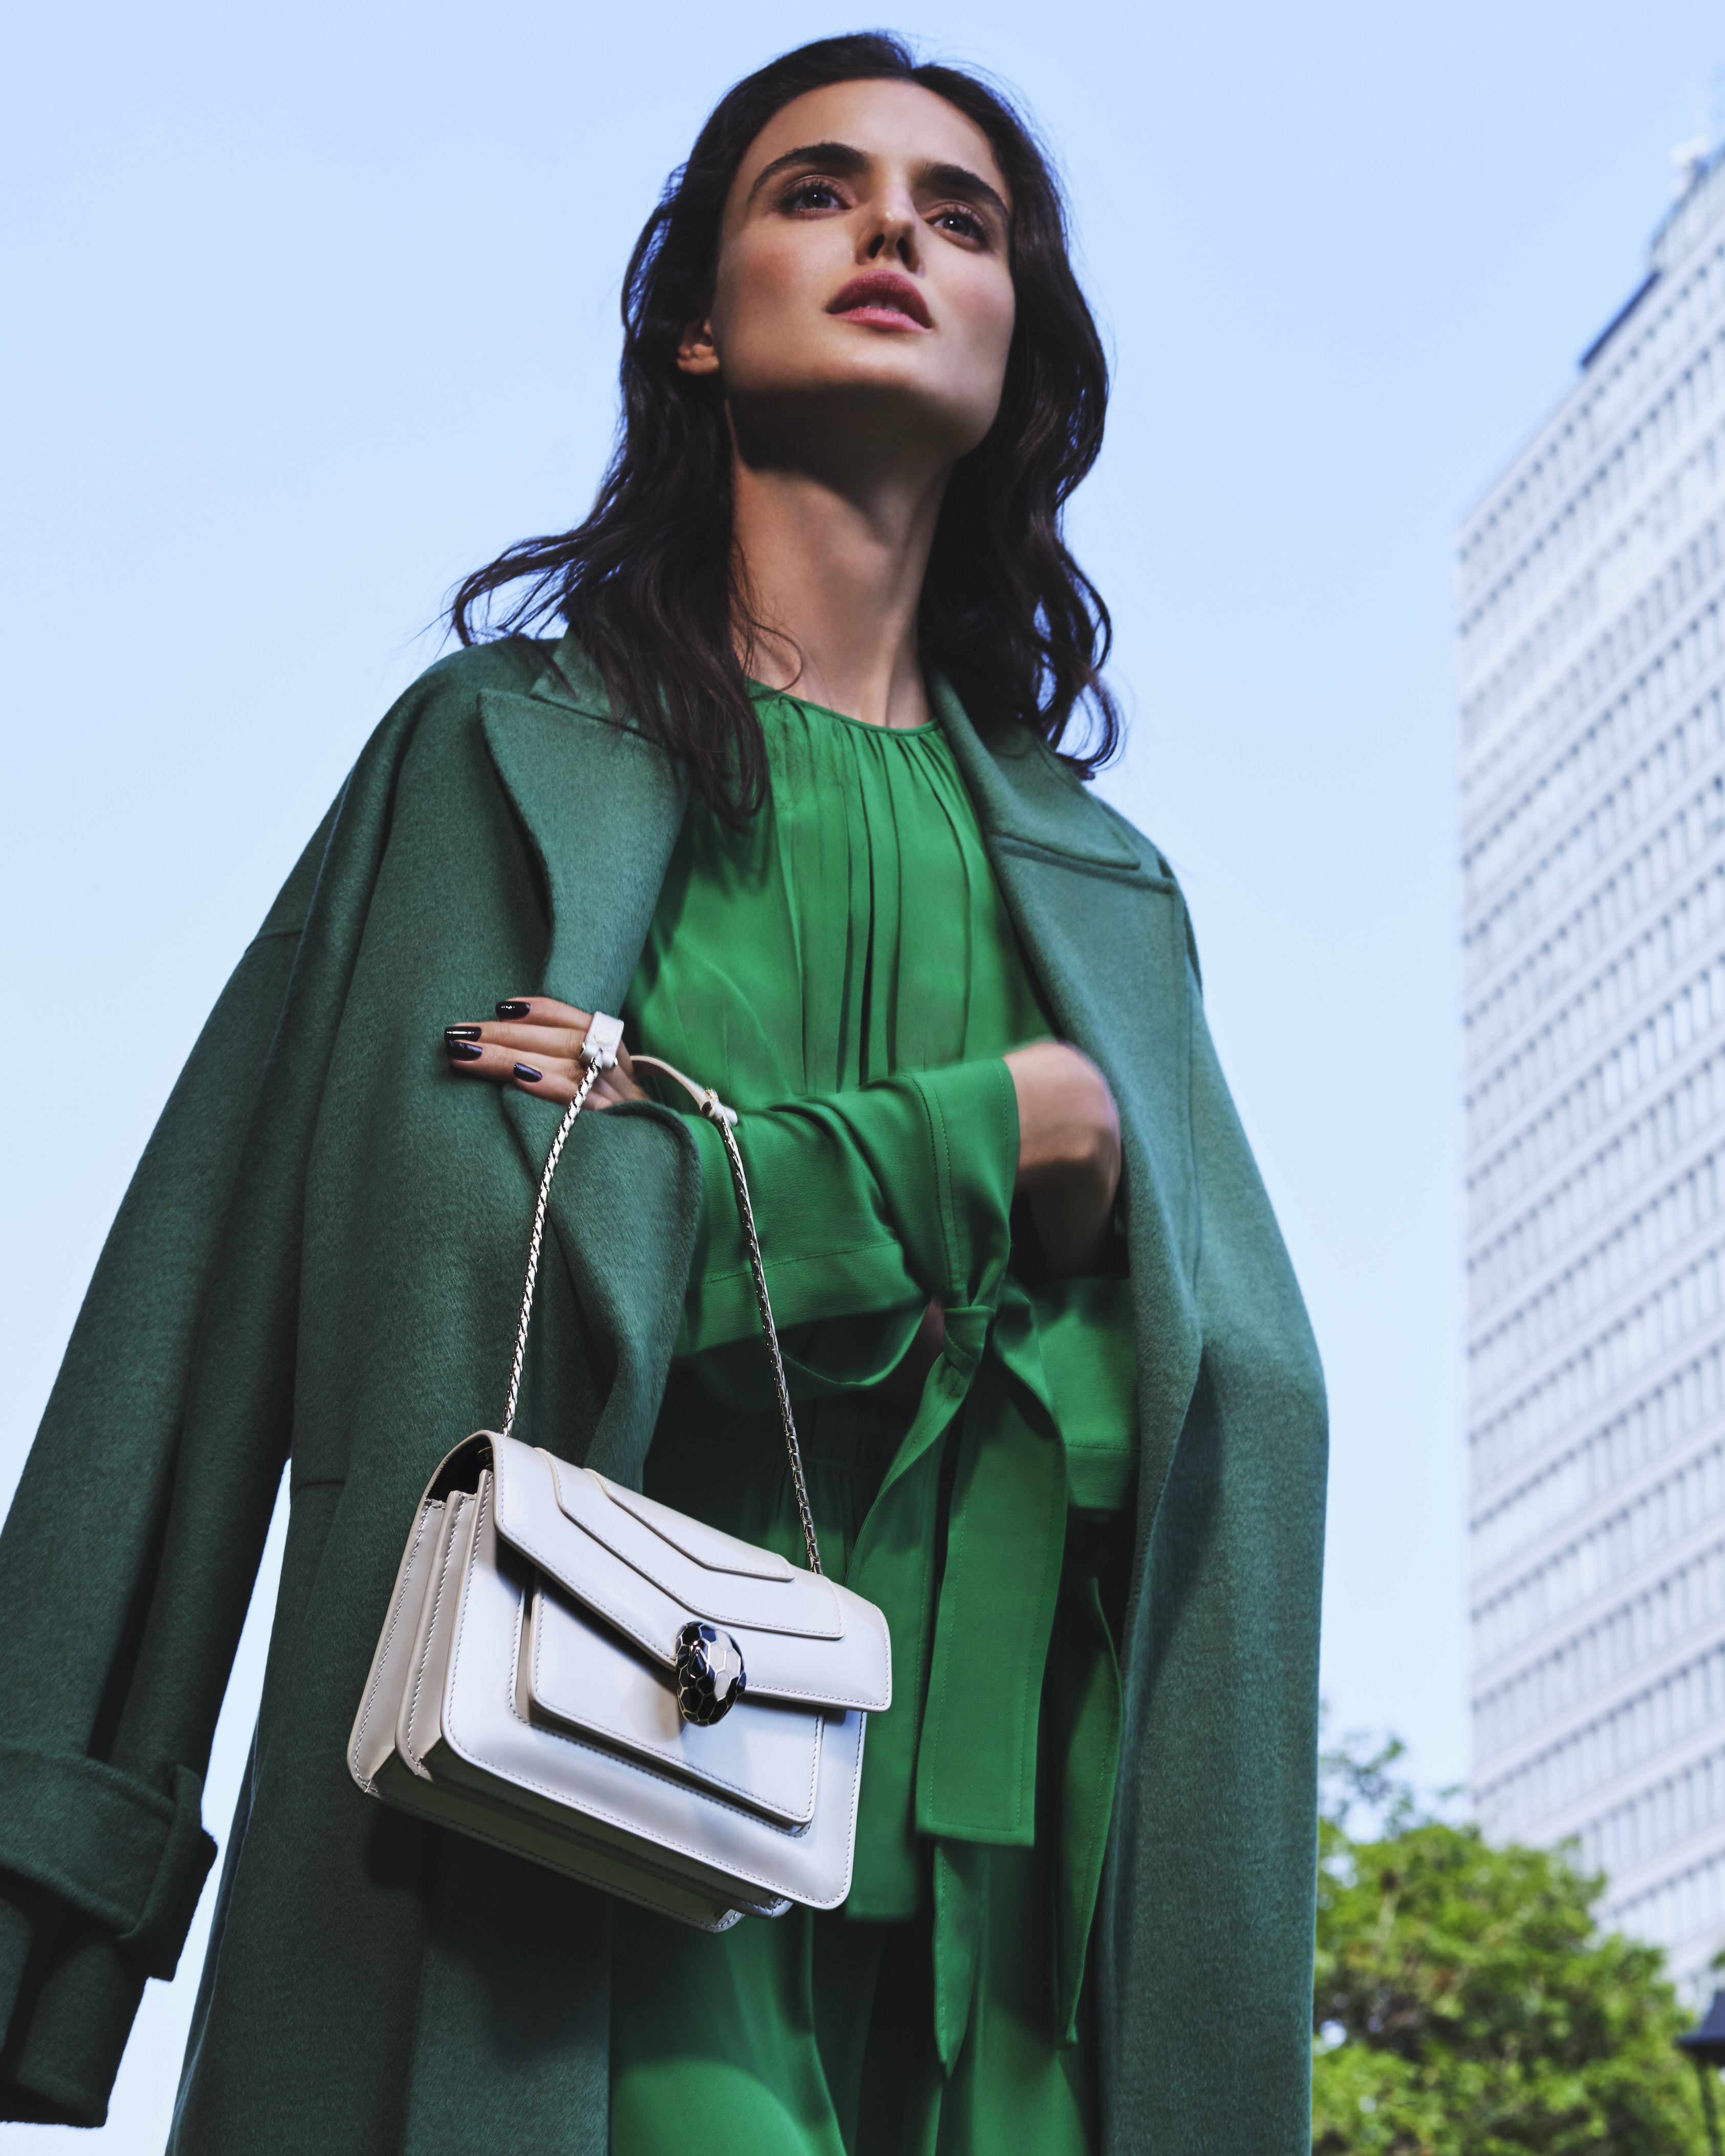 200729 Bvlgari UrbanJungle 12 044 d CROP - Campaña de accesorios SS21 de Bvlgari tiene como protagonista a española Blanca Padilla